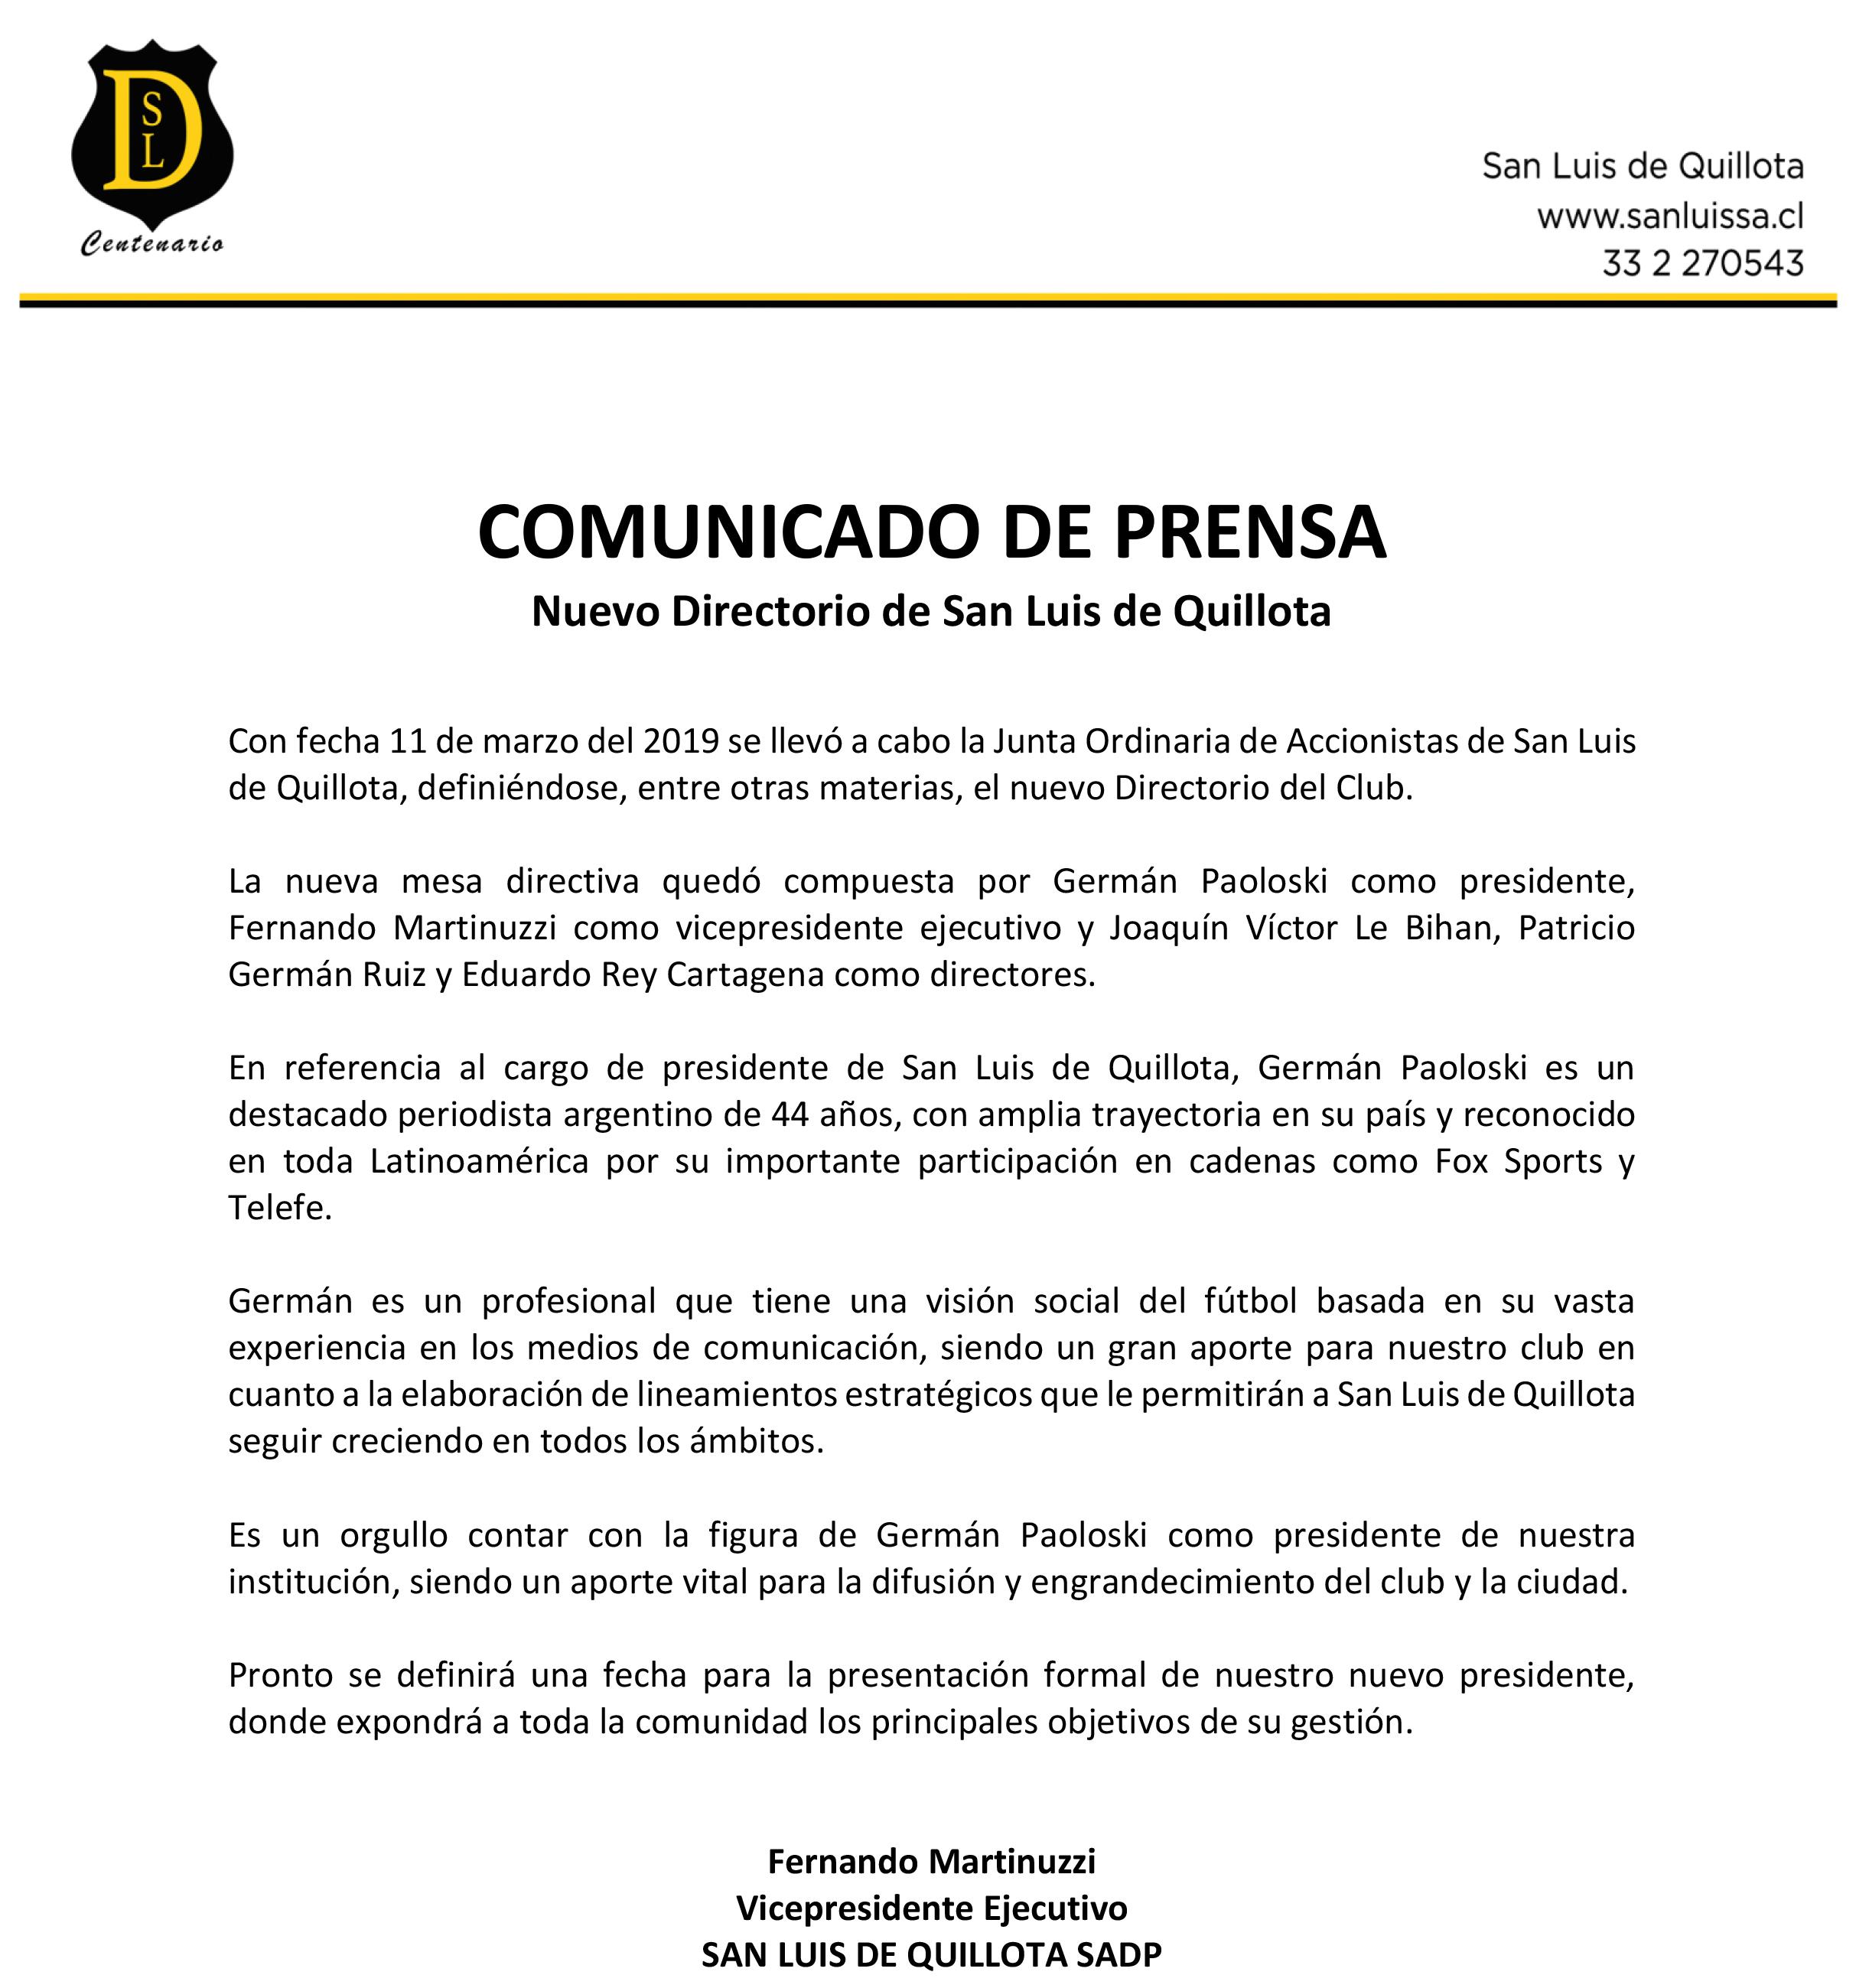 COMUNICADO DE PRENSA DIRECTORIO DE SAN LUIS DE QUILLOTA